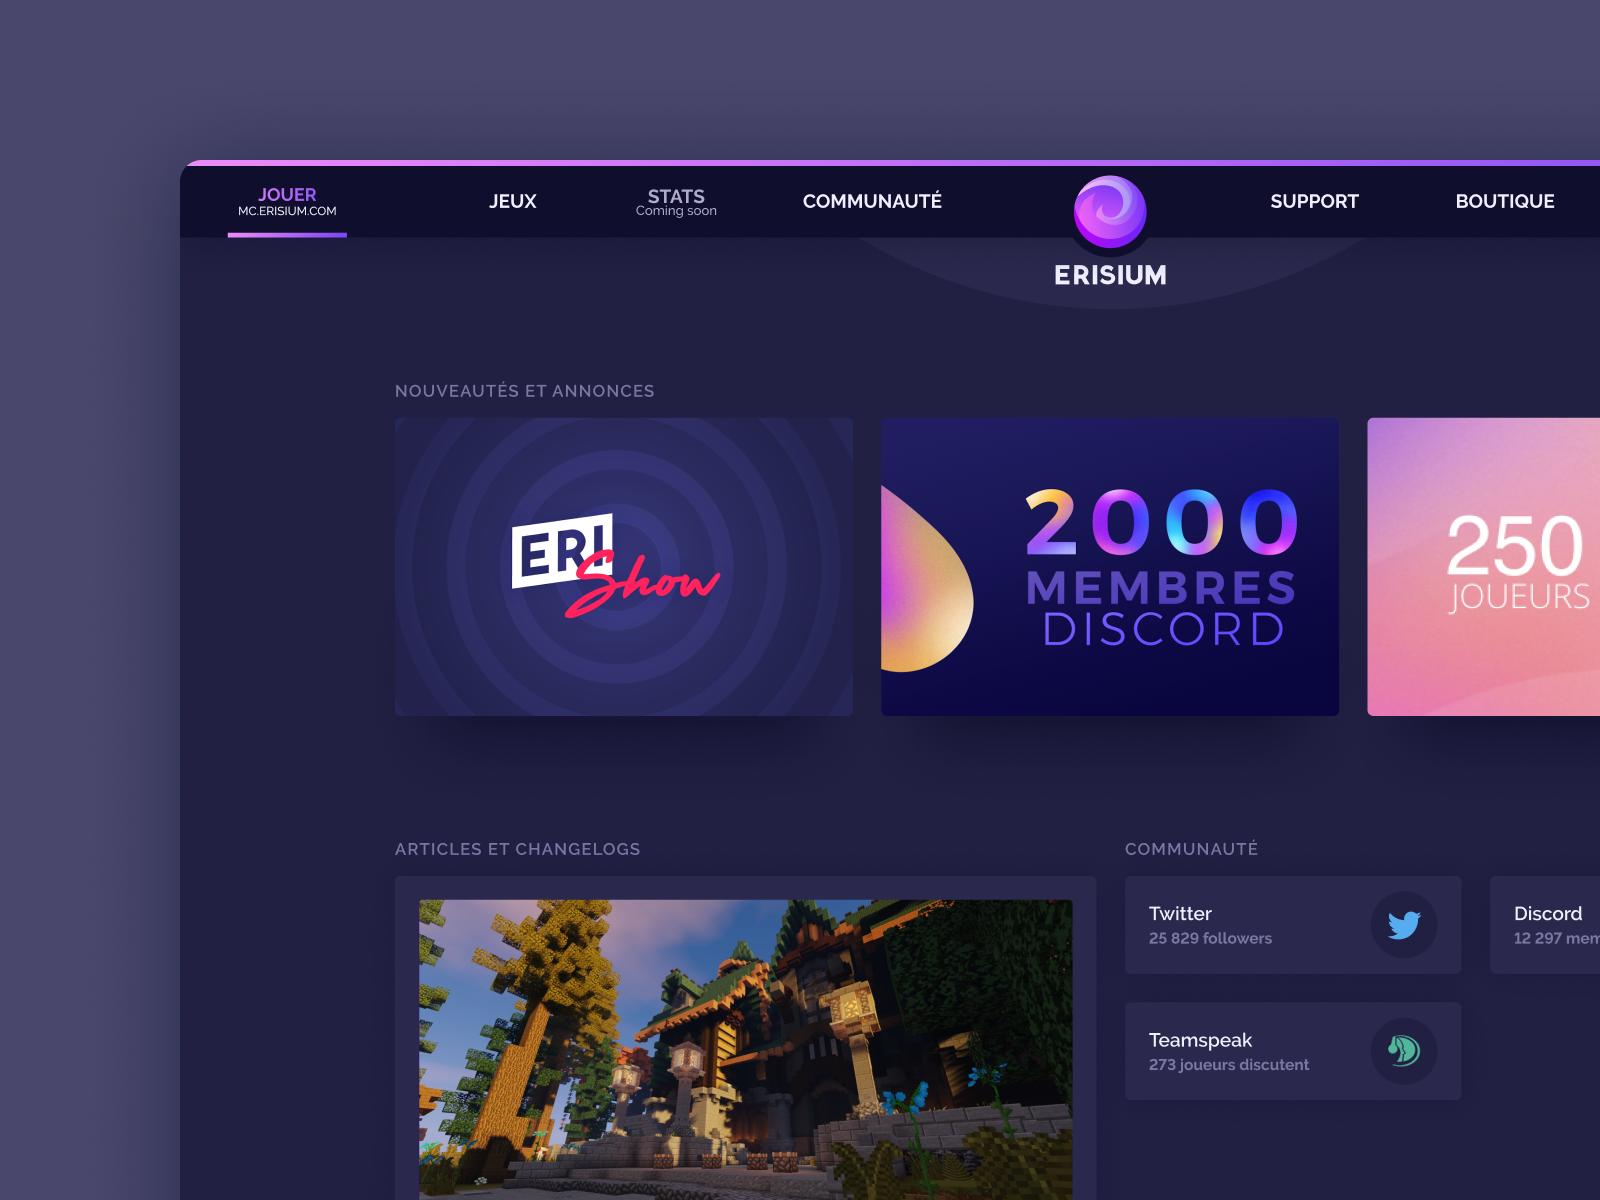 Erisium new website - Home